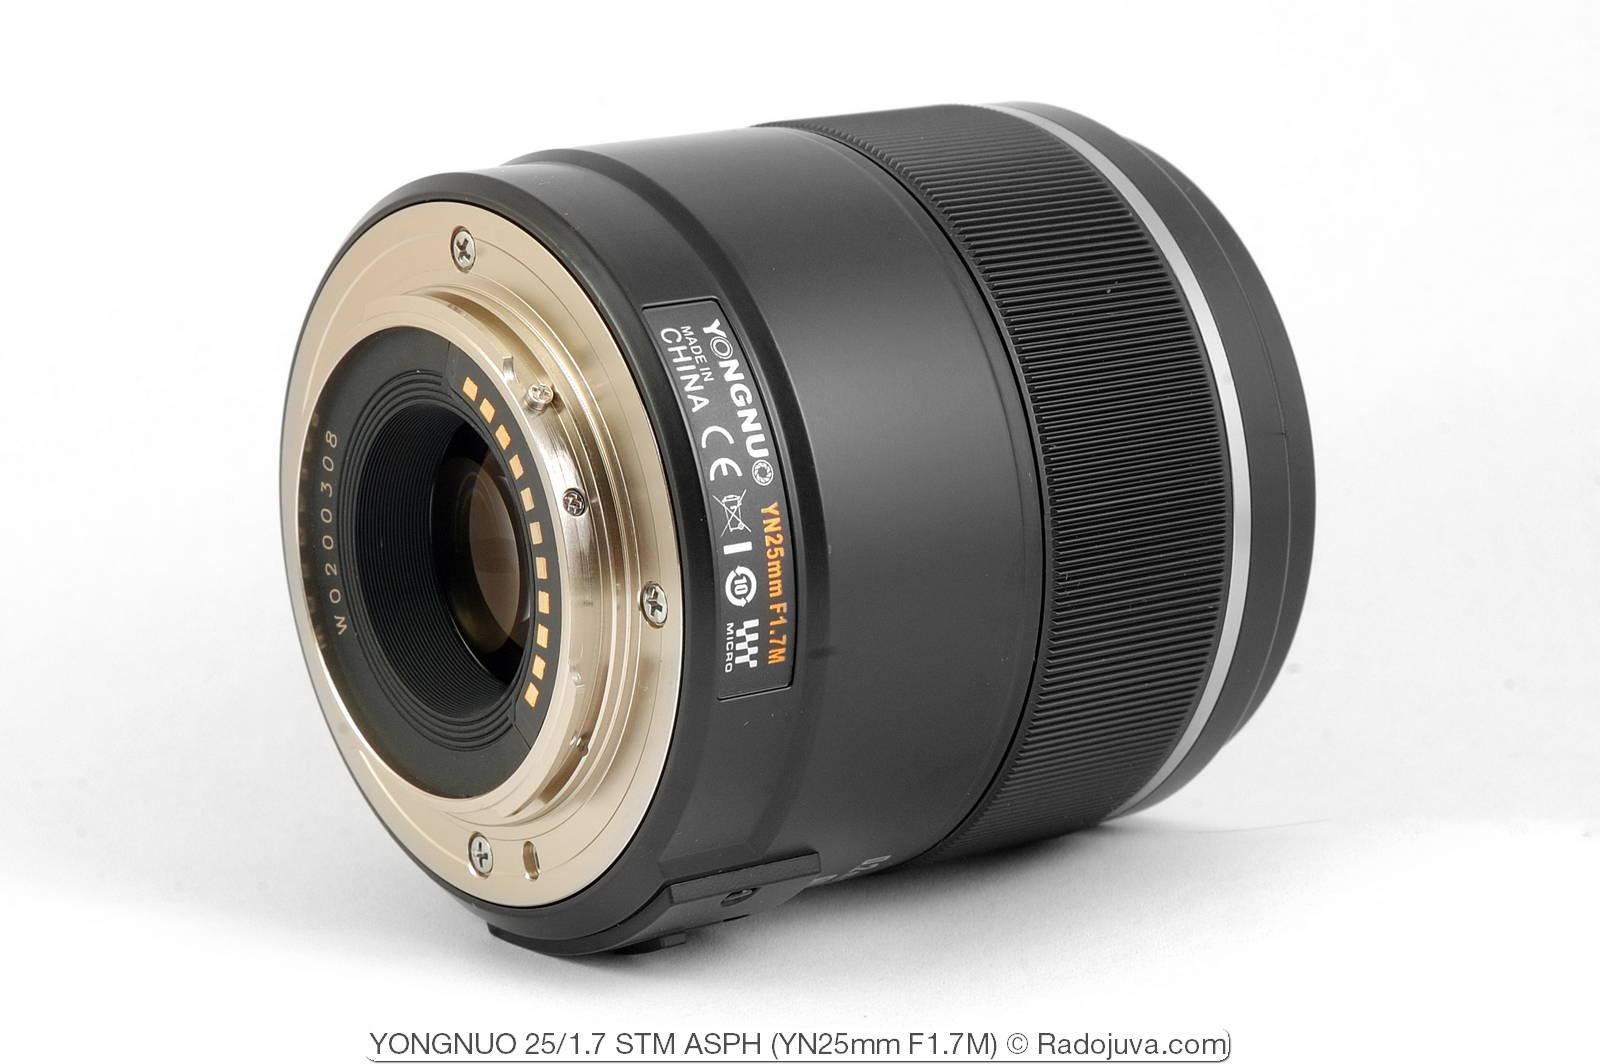 YONGNUO 25mm 1: 1.7 STM ASPH (Model YN25mm F1.7M for Micro 4/3)